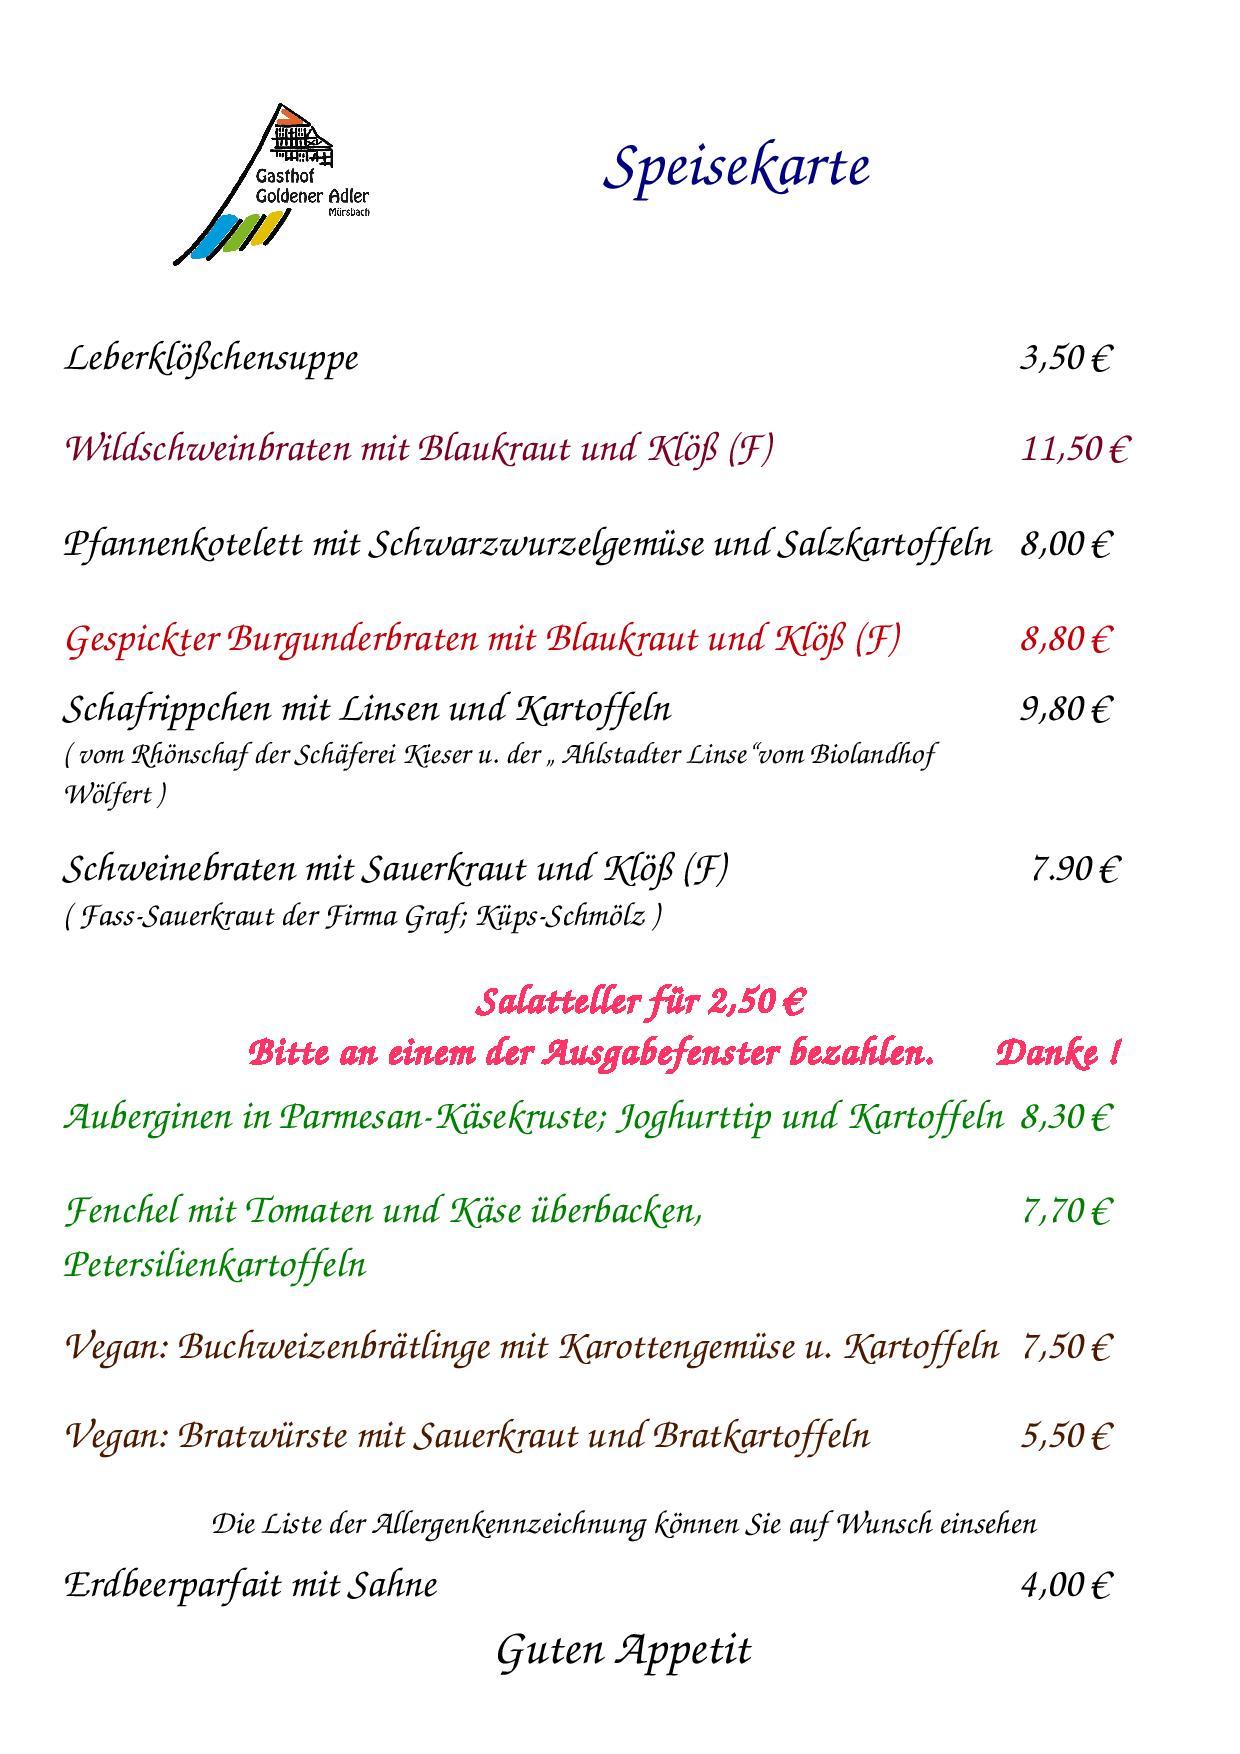 Speisekarte vom Donnerstag 23.08.2017